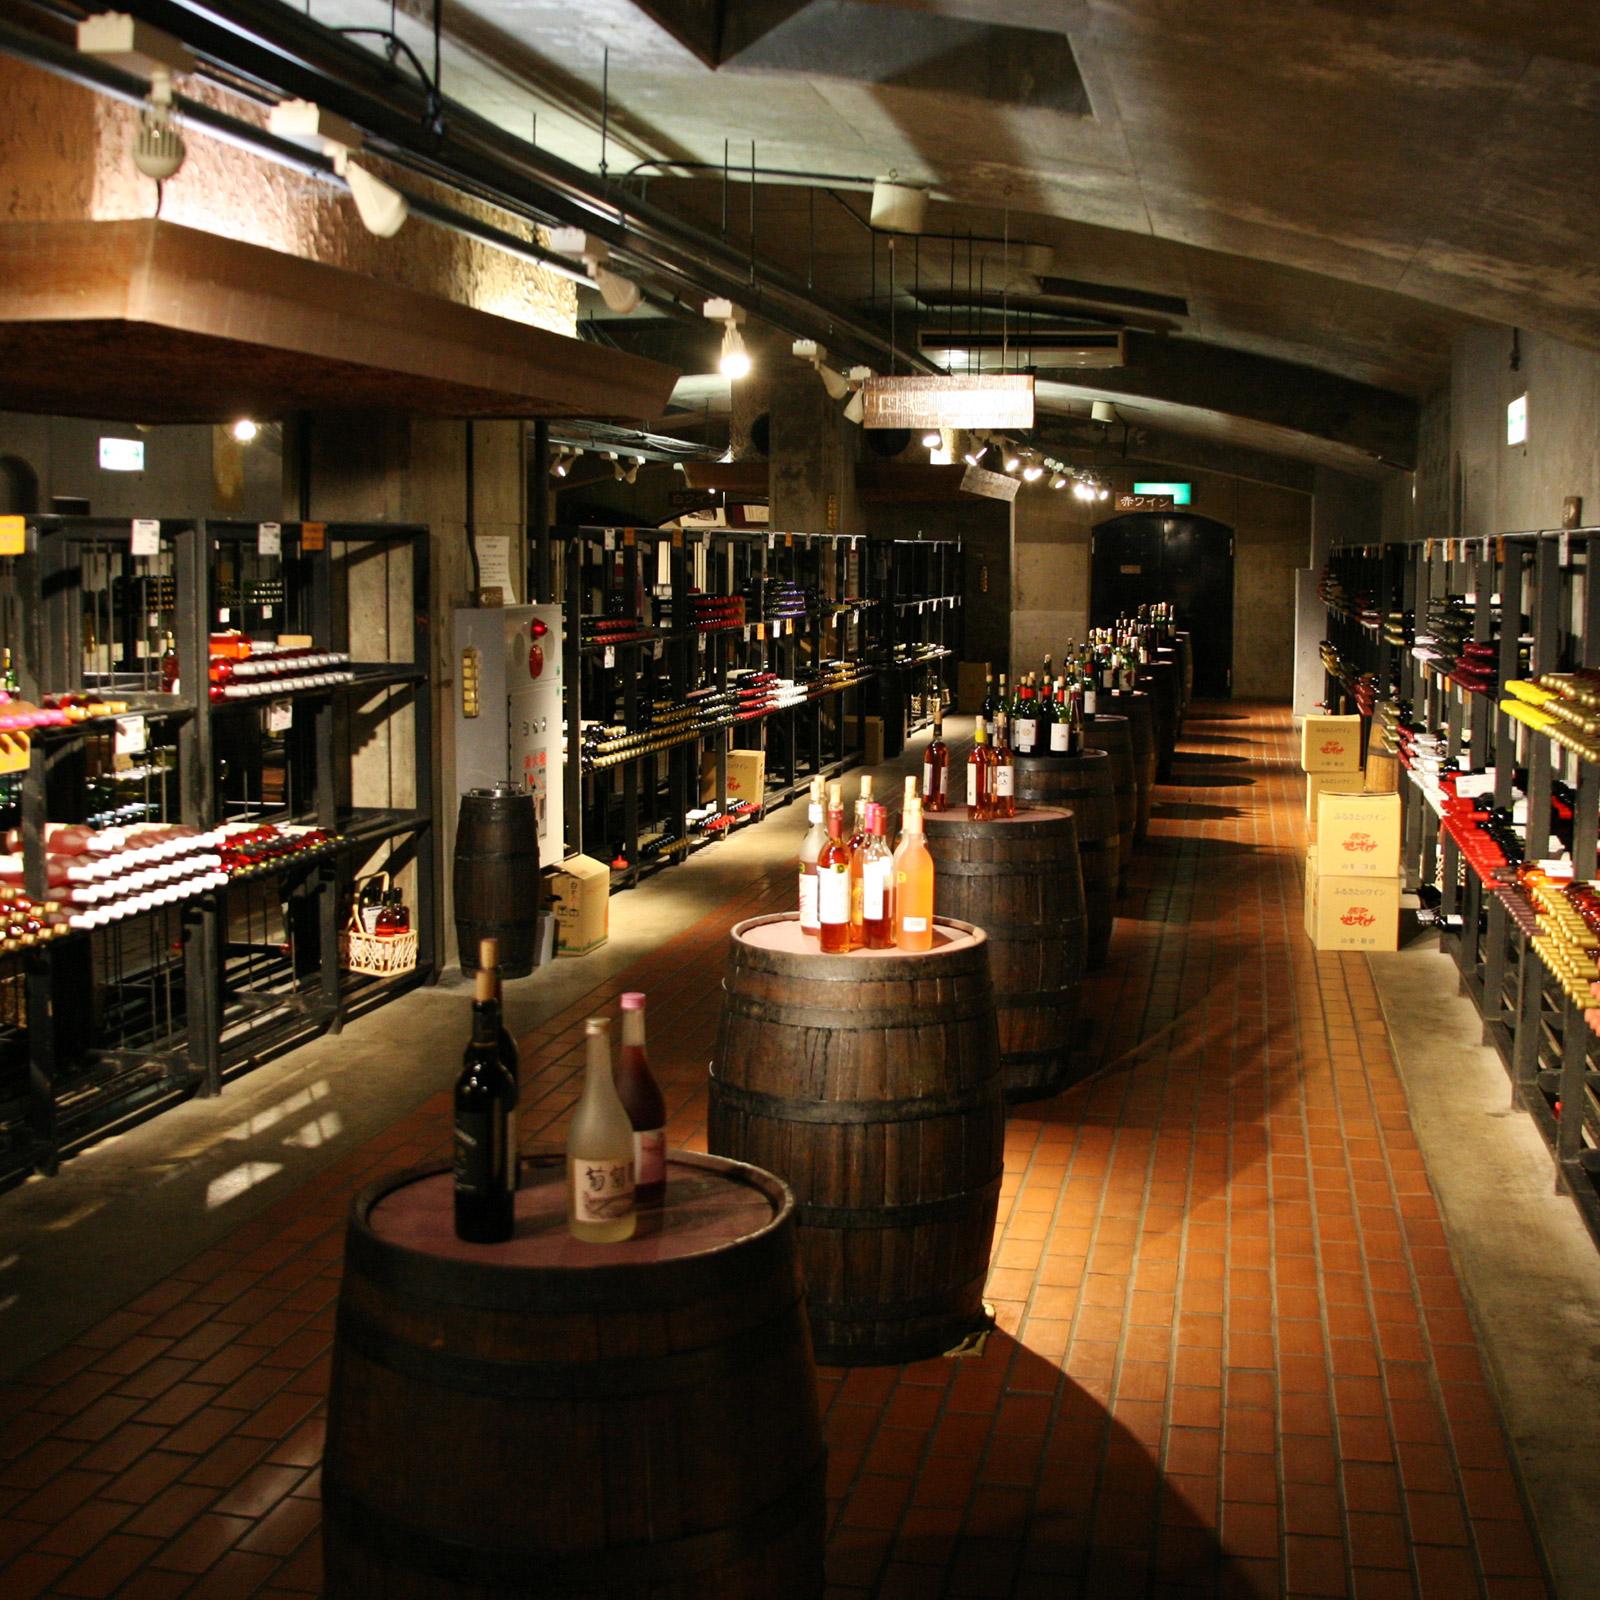 試飲用のワインは赤、白、ロゼなど種類ごとに分けられ、樽の上に置かれている。